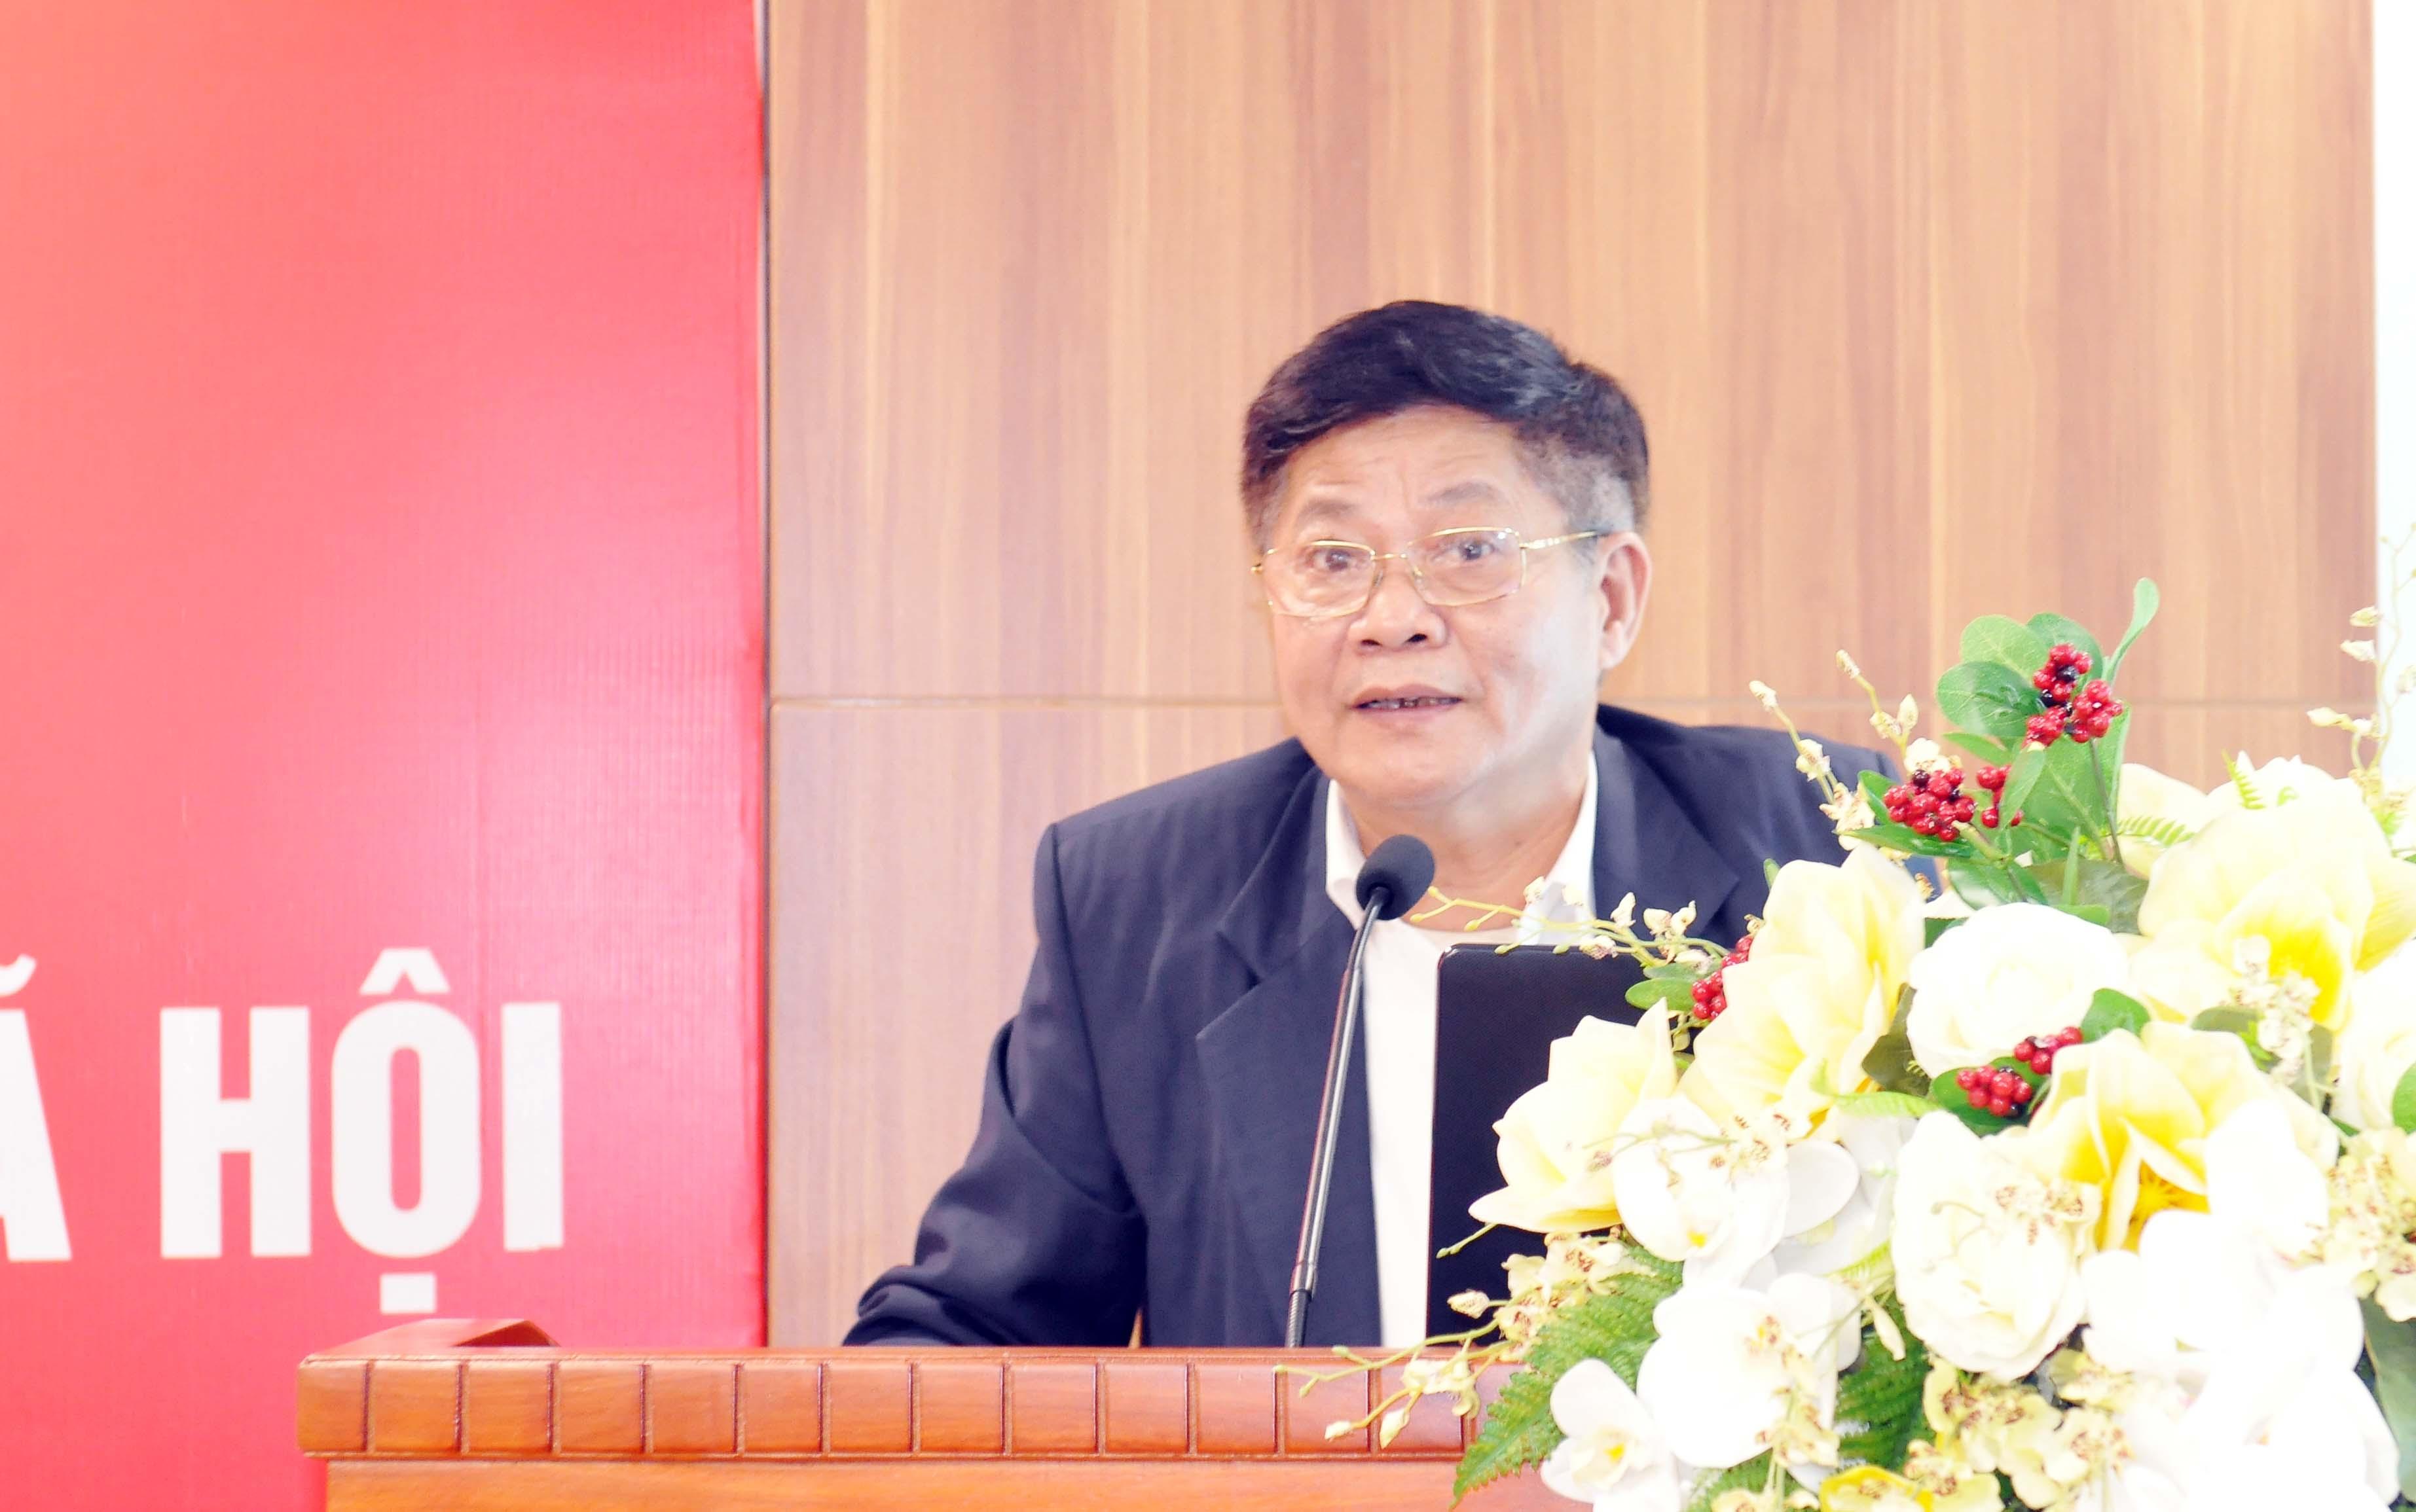 Tổ Cộng tác viên dư luận xã hội Đảng ủy Kiểm toán nhà nước triển khai nhiệm vụ 2019